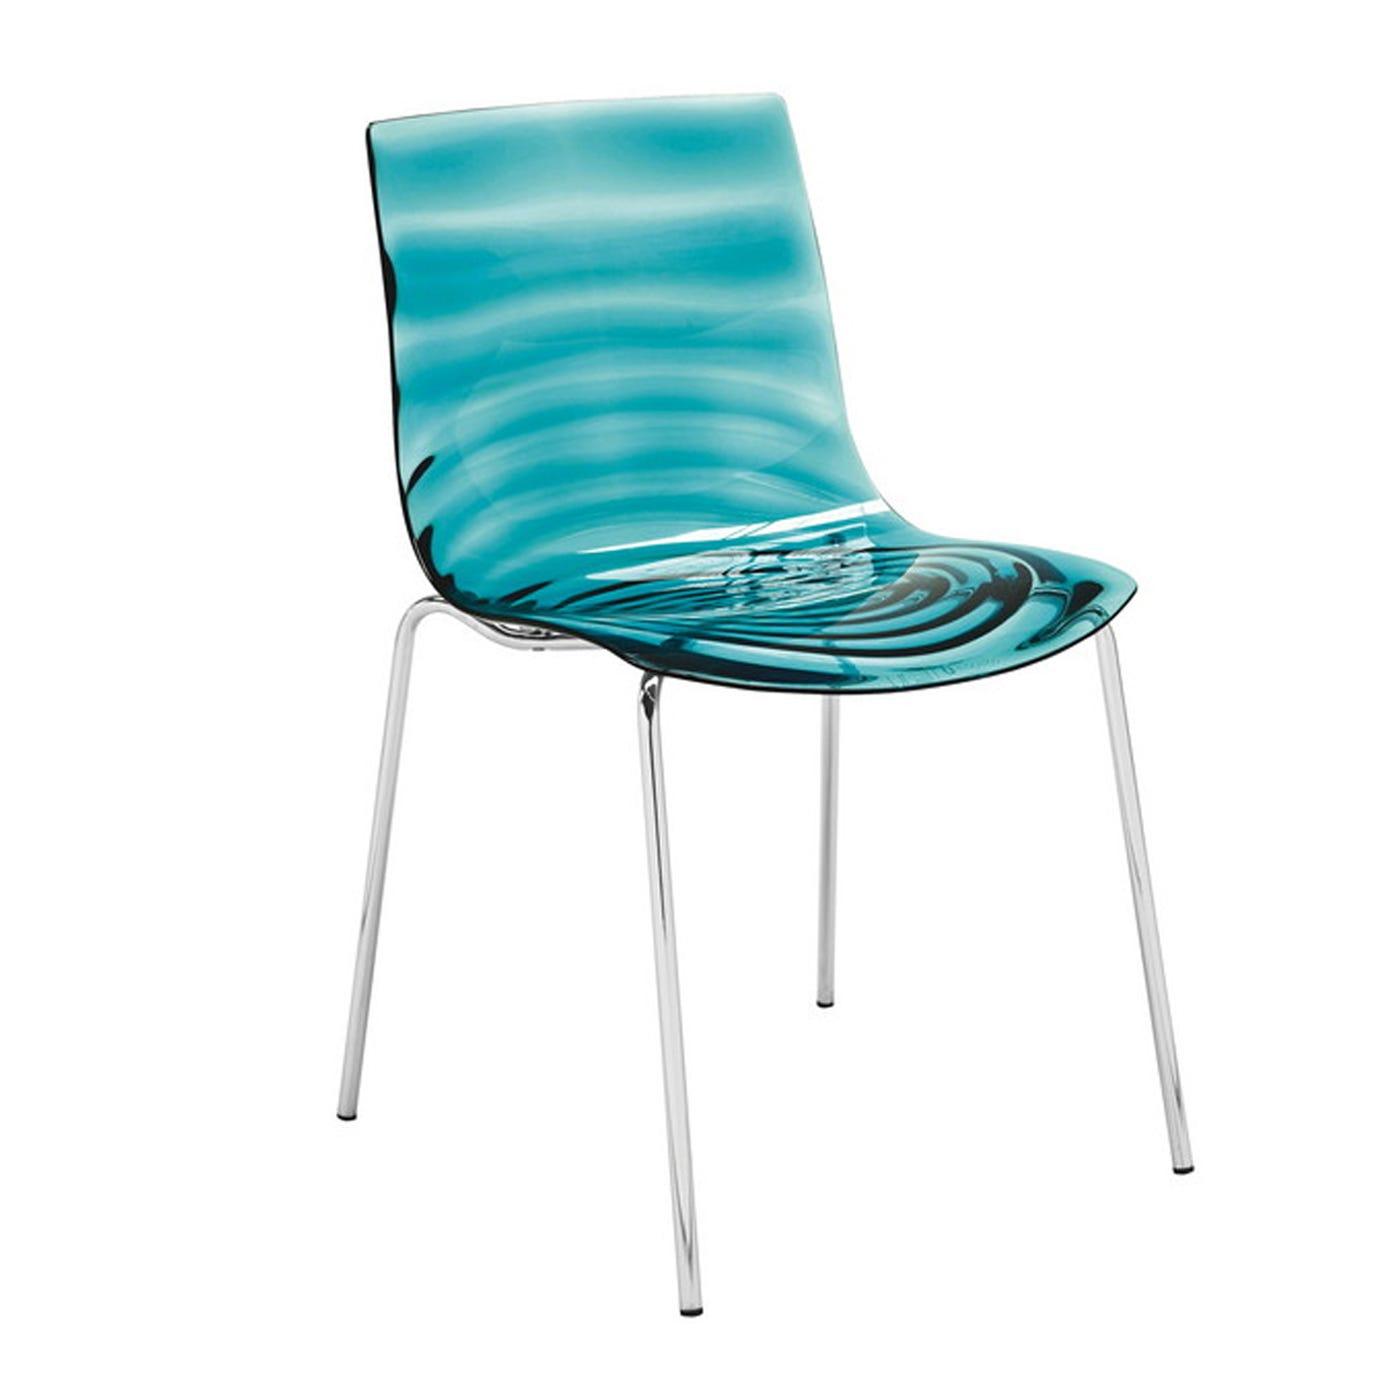 Calligaris L'eau Chair